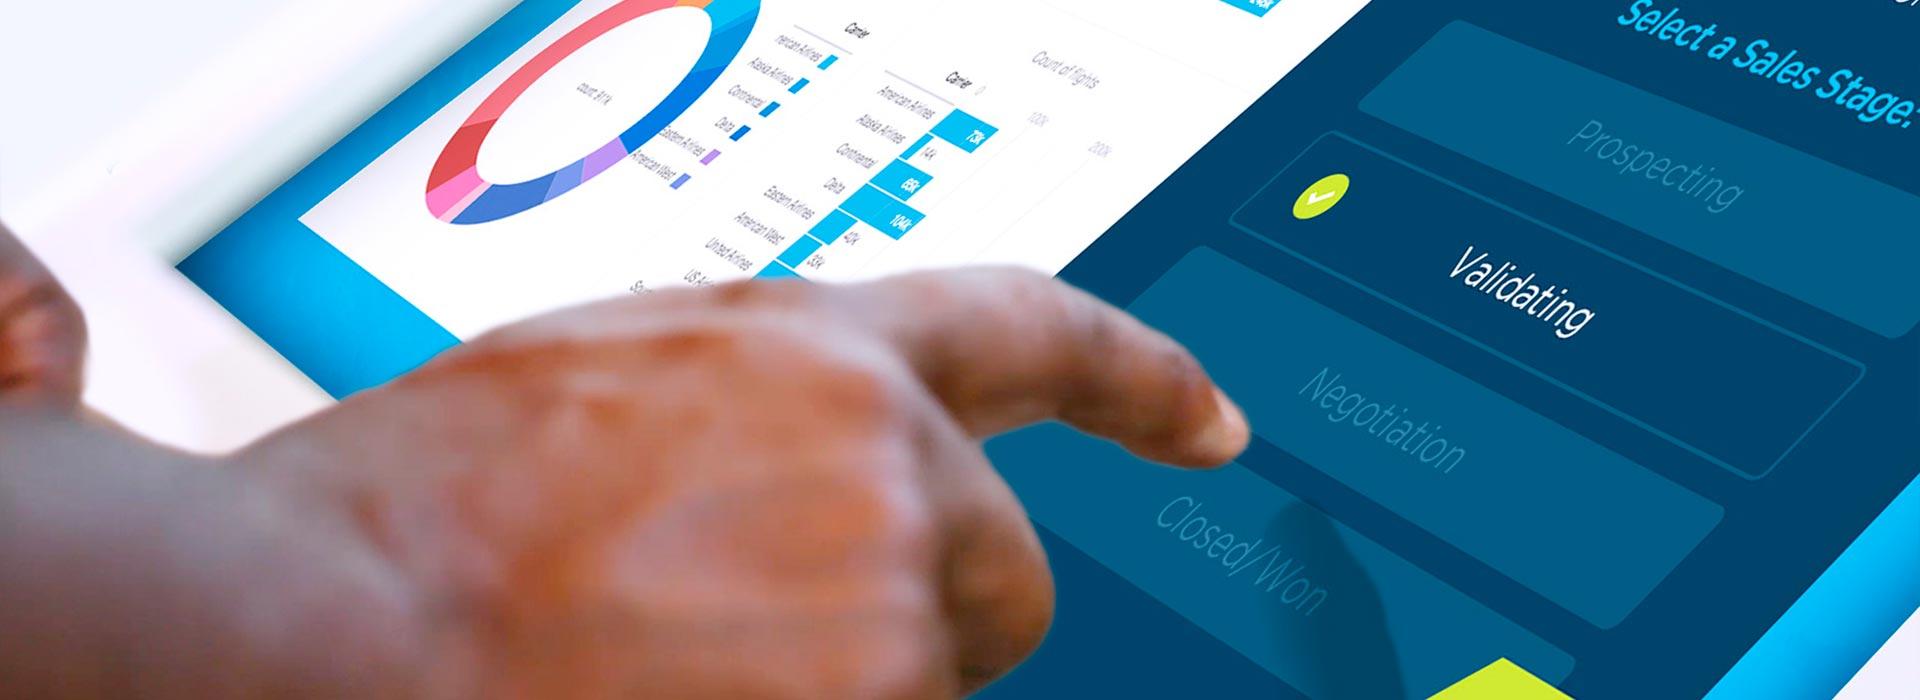 Artículos y noticias de actualidad de Business intelligence para transformar los datos de toda la empresa en información, y la información en conocimiento,